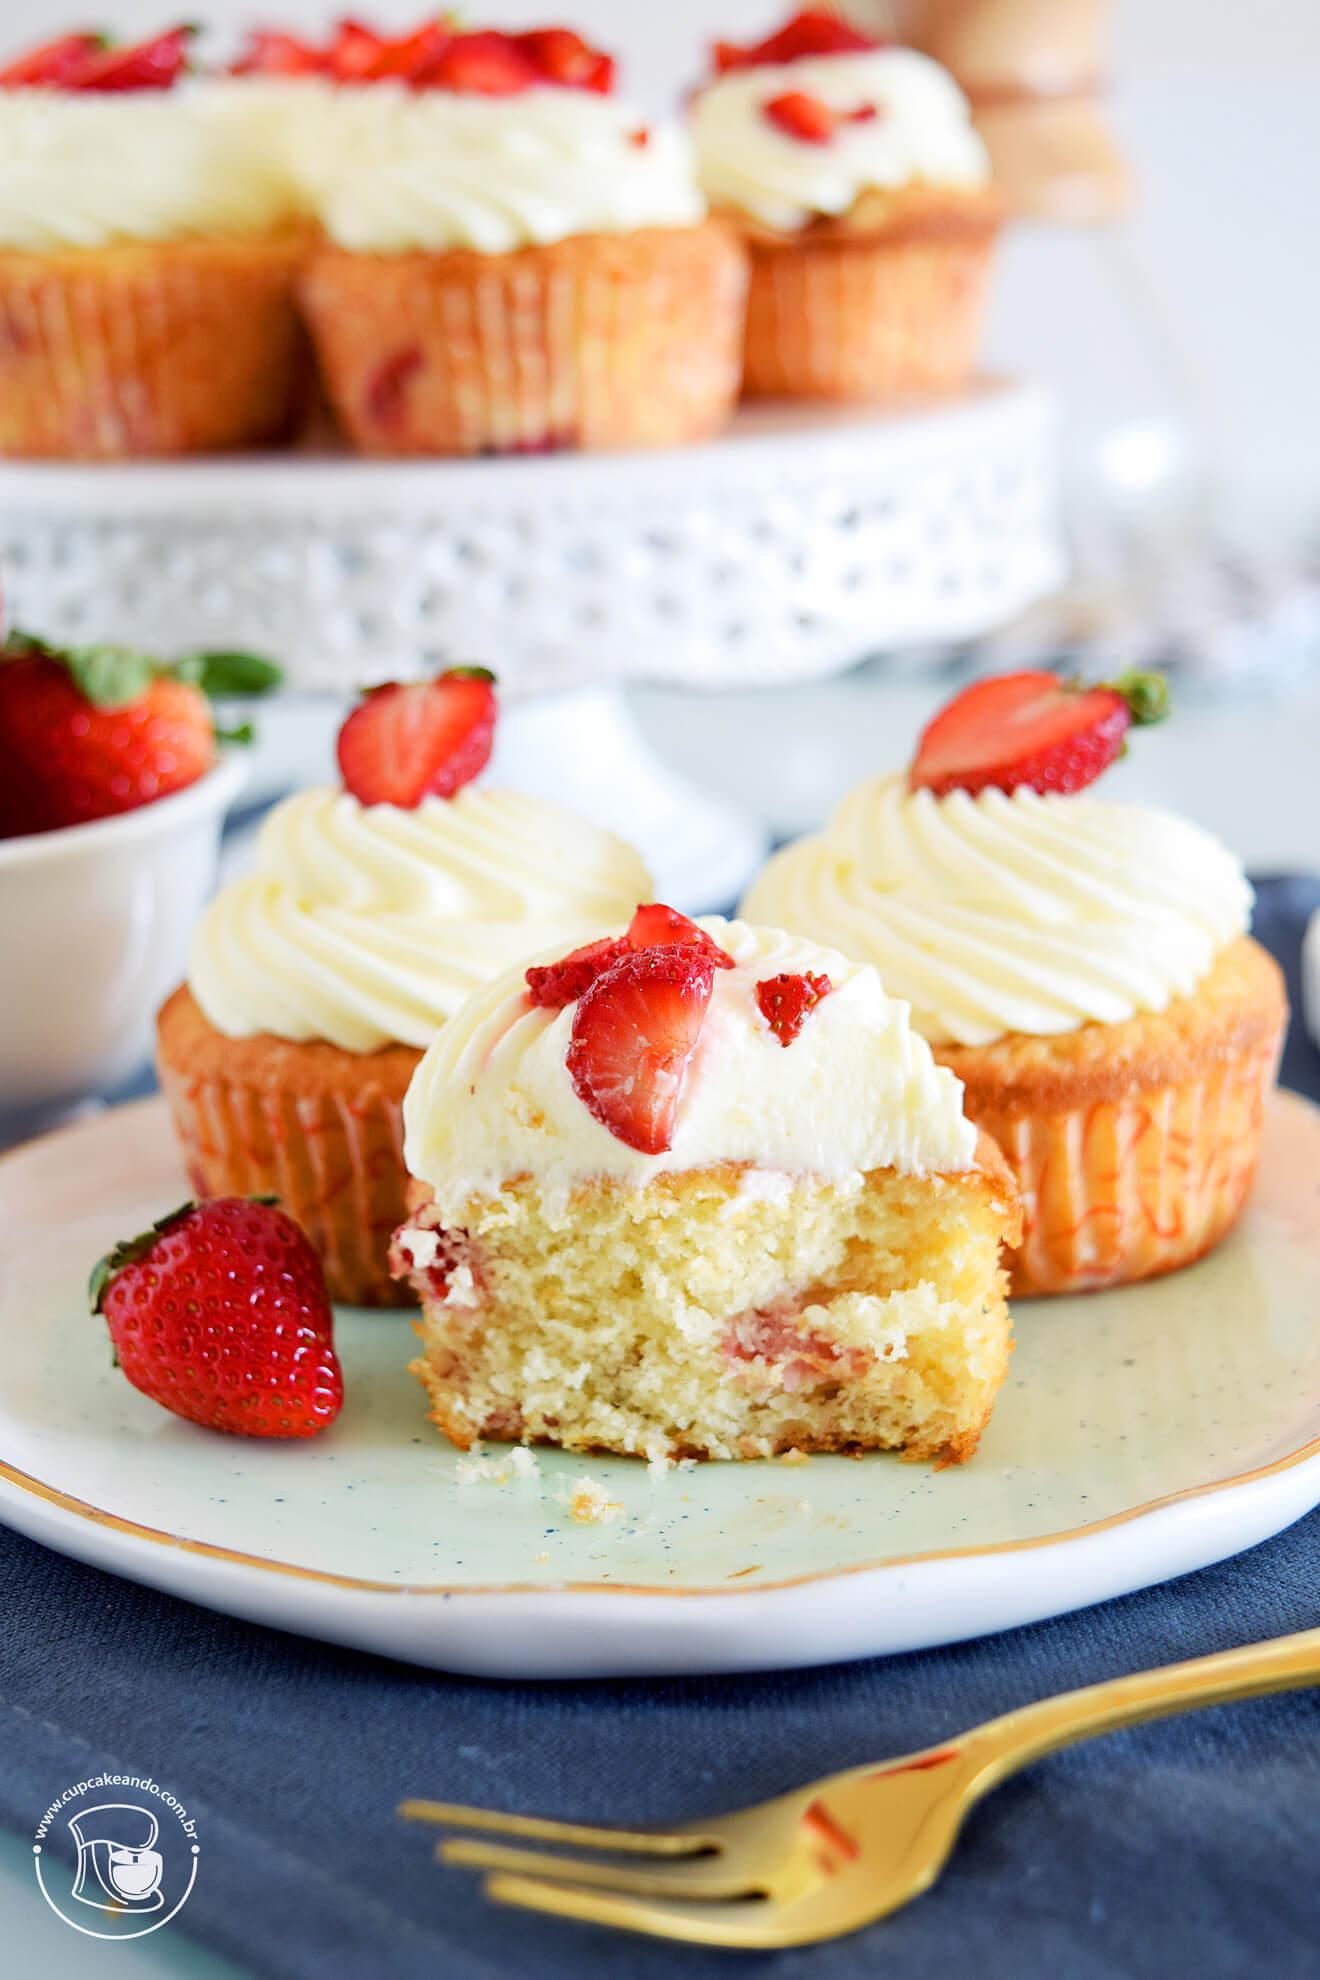 Cupcakes de morangos e iogurte